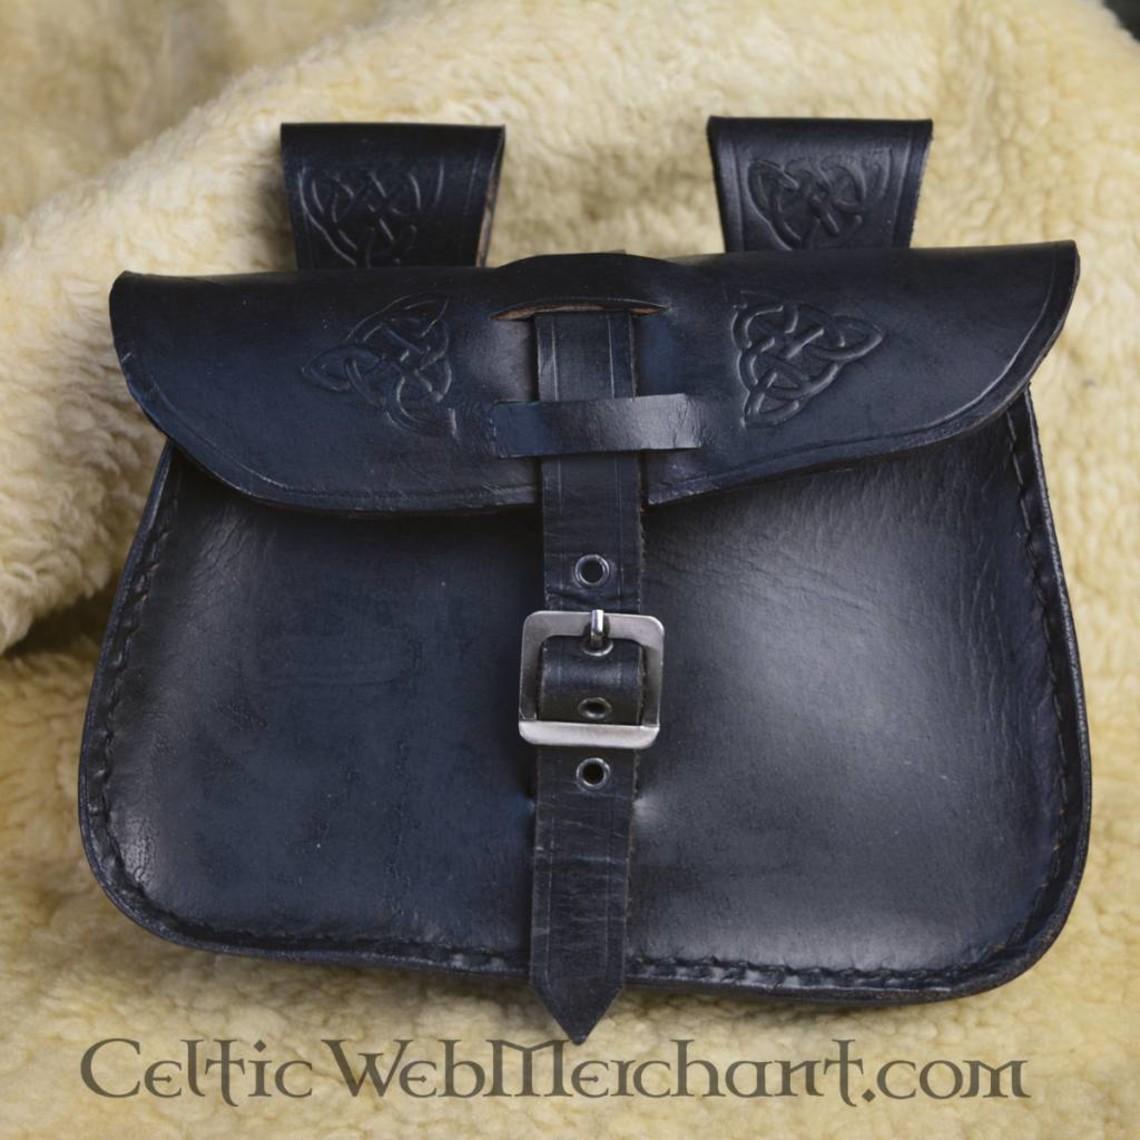 Leonardo Carbone Celtic bag Dunixe